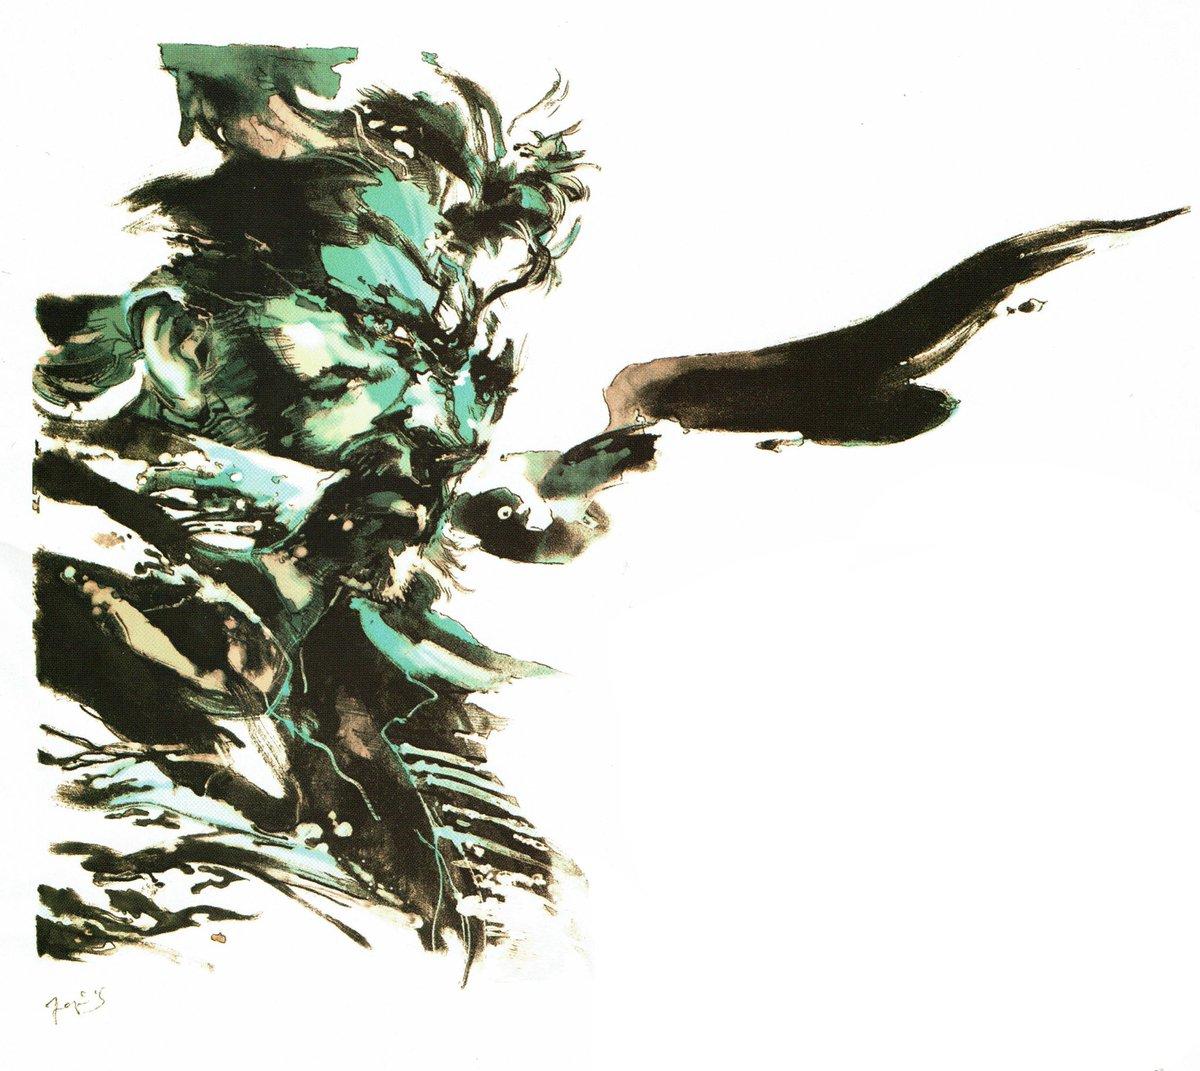 Videogameart Tidbits On Twitter Metal Gear Solid 3 Snake